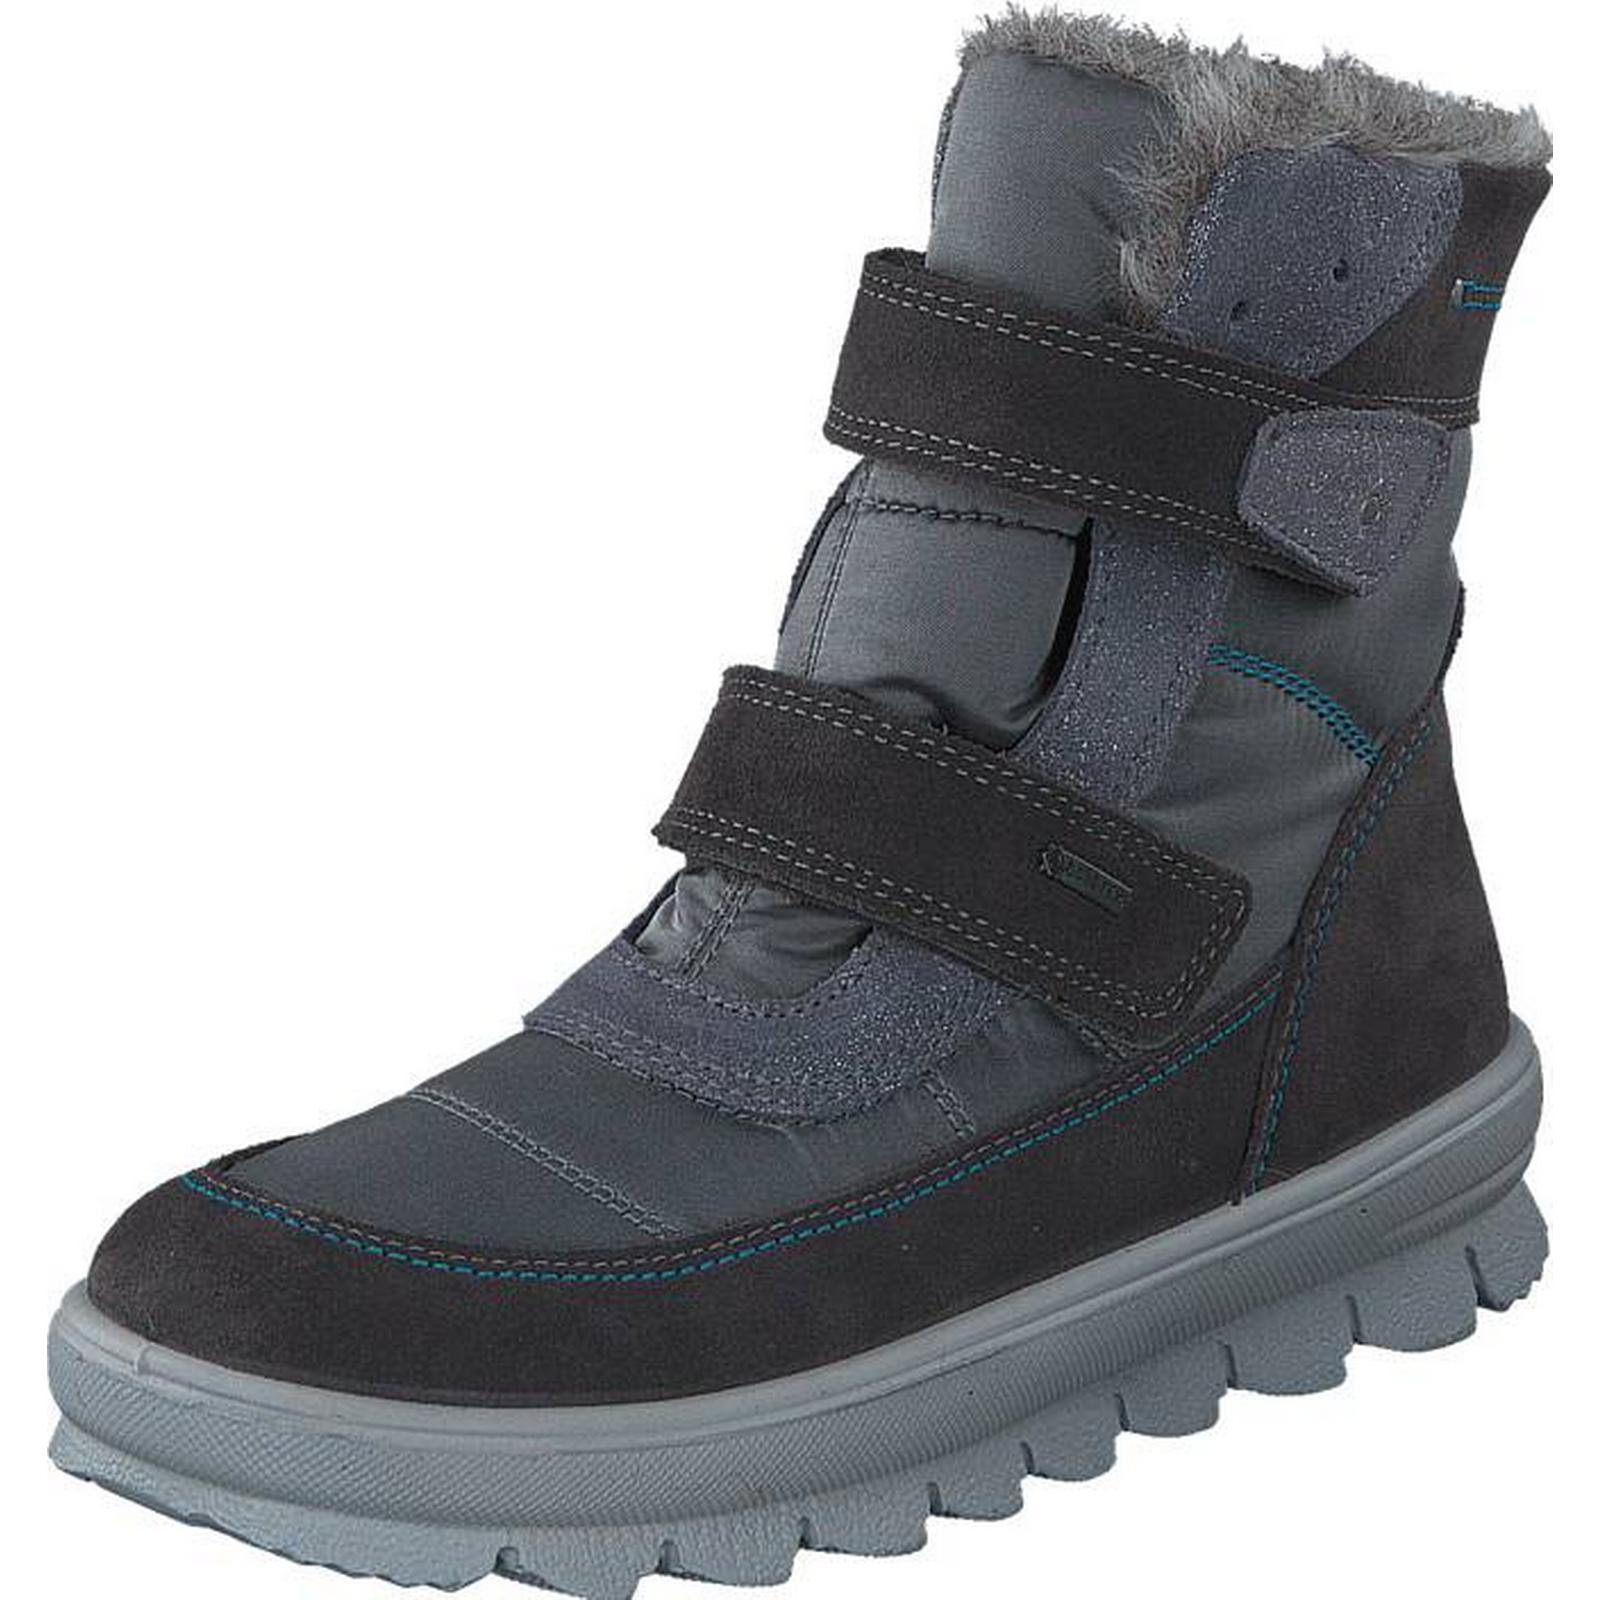 Superfit Flavia Velcro Gore-Tex Stone Combi, Shoes, Shoes, Combi, Boots & Chelseas, Warm-lined Boots, Purple, Unisex, 27 181291